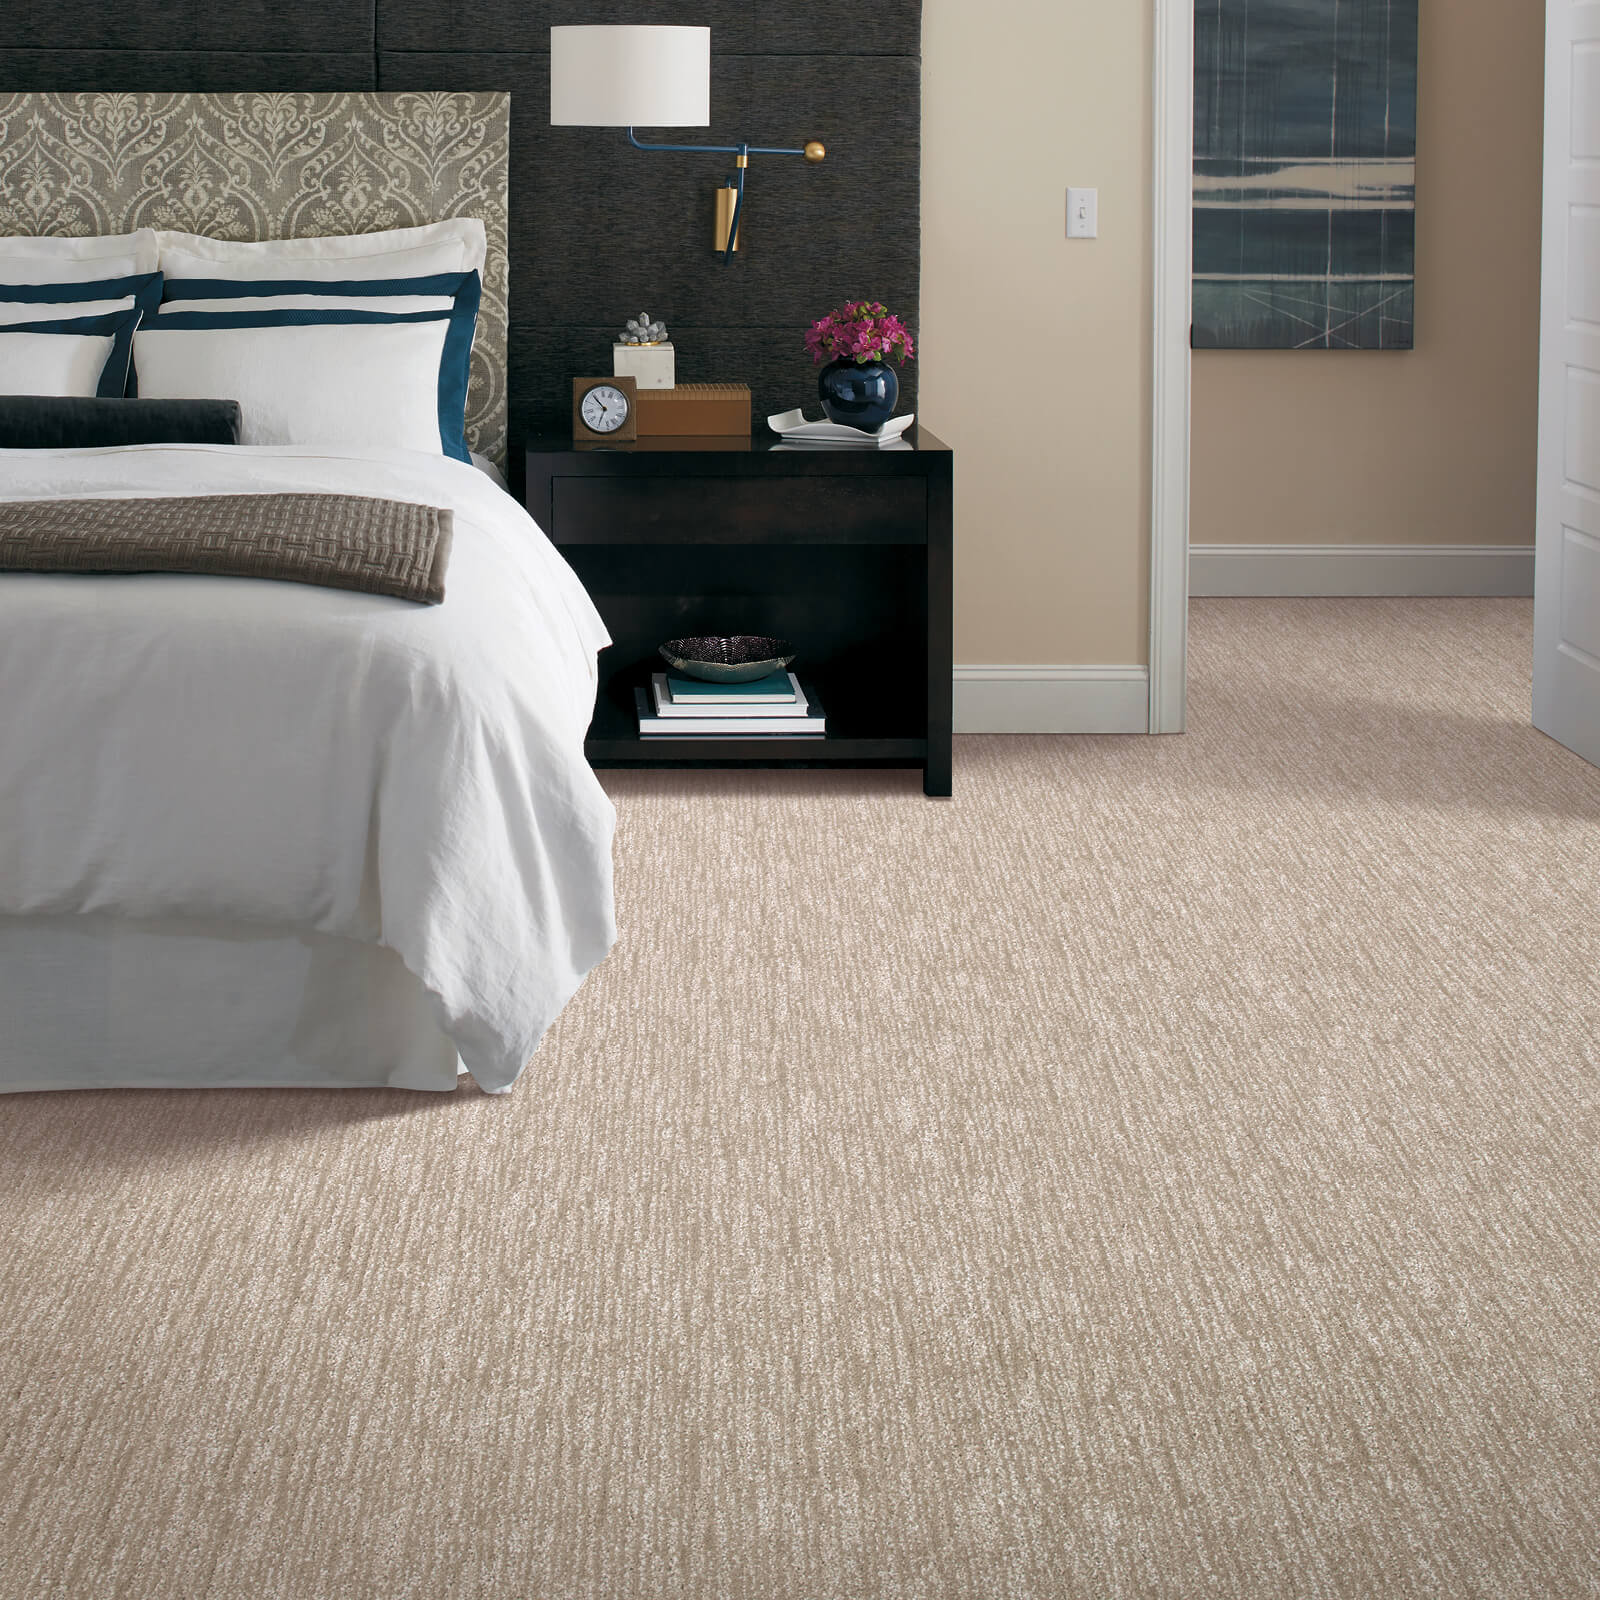 New carpet in bedroom | Webb Carpet